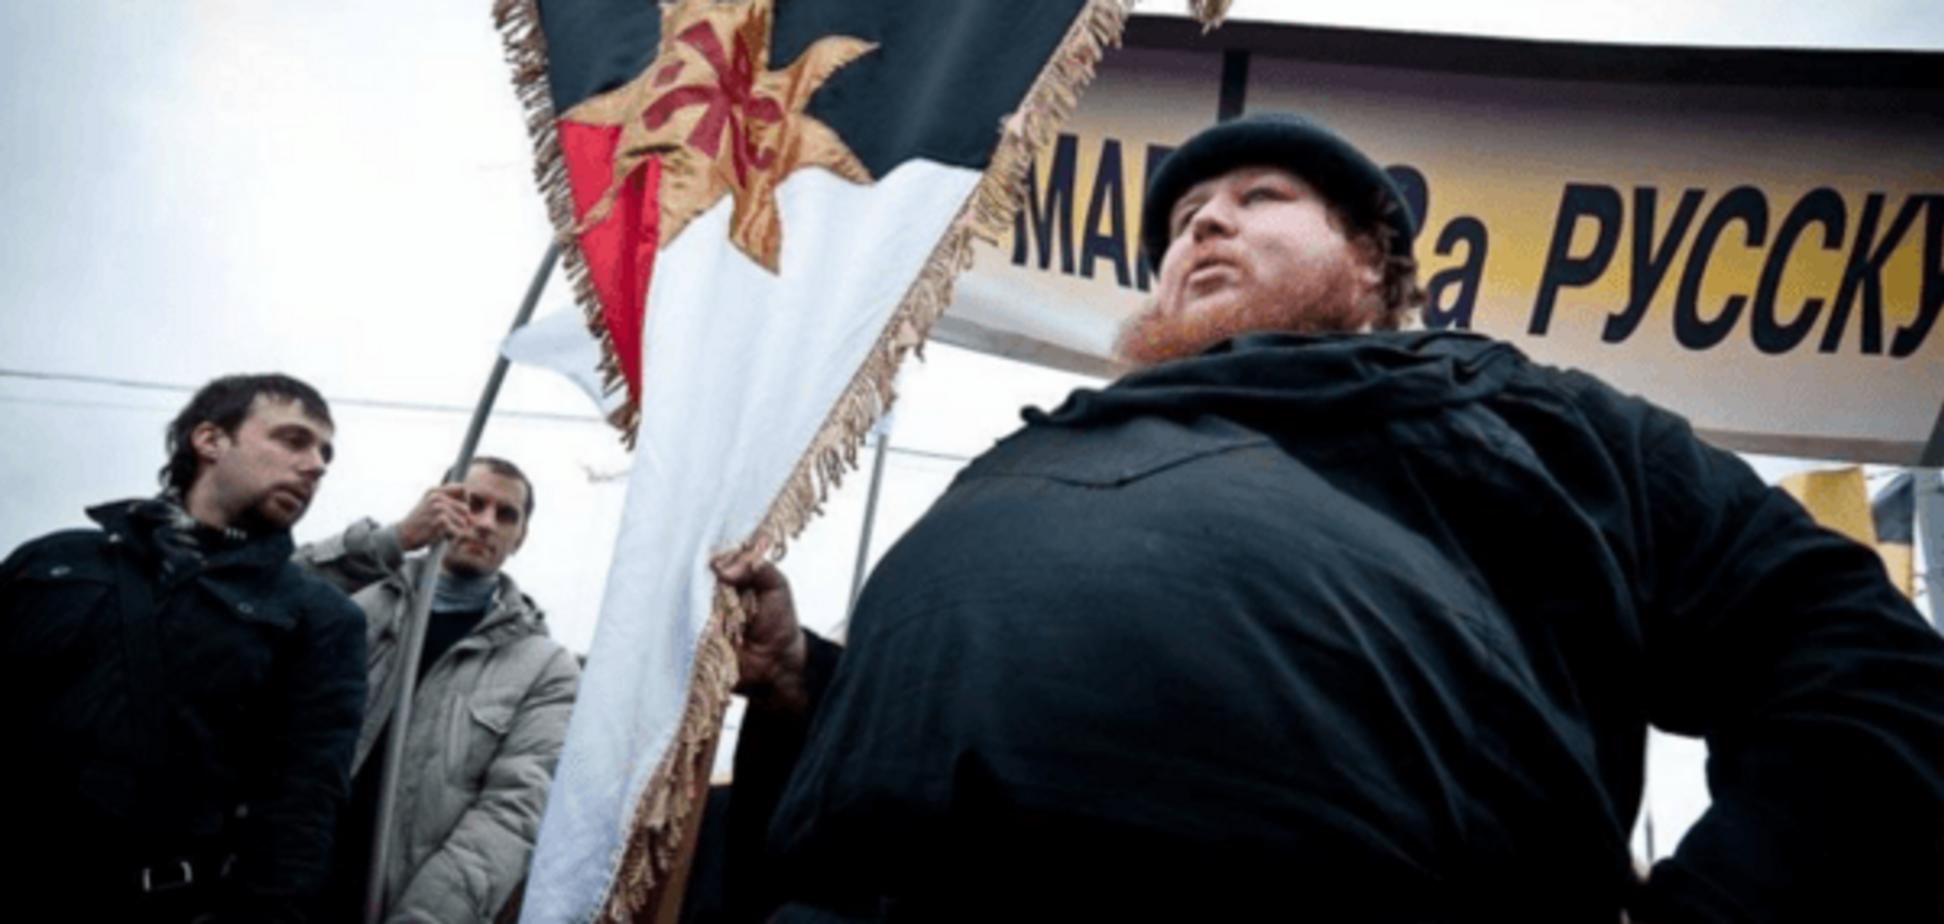 Назревает конфликт: РПЦ направила в Украину 'титушек' в рясах